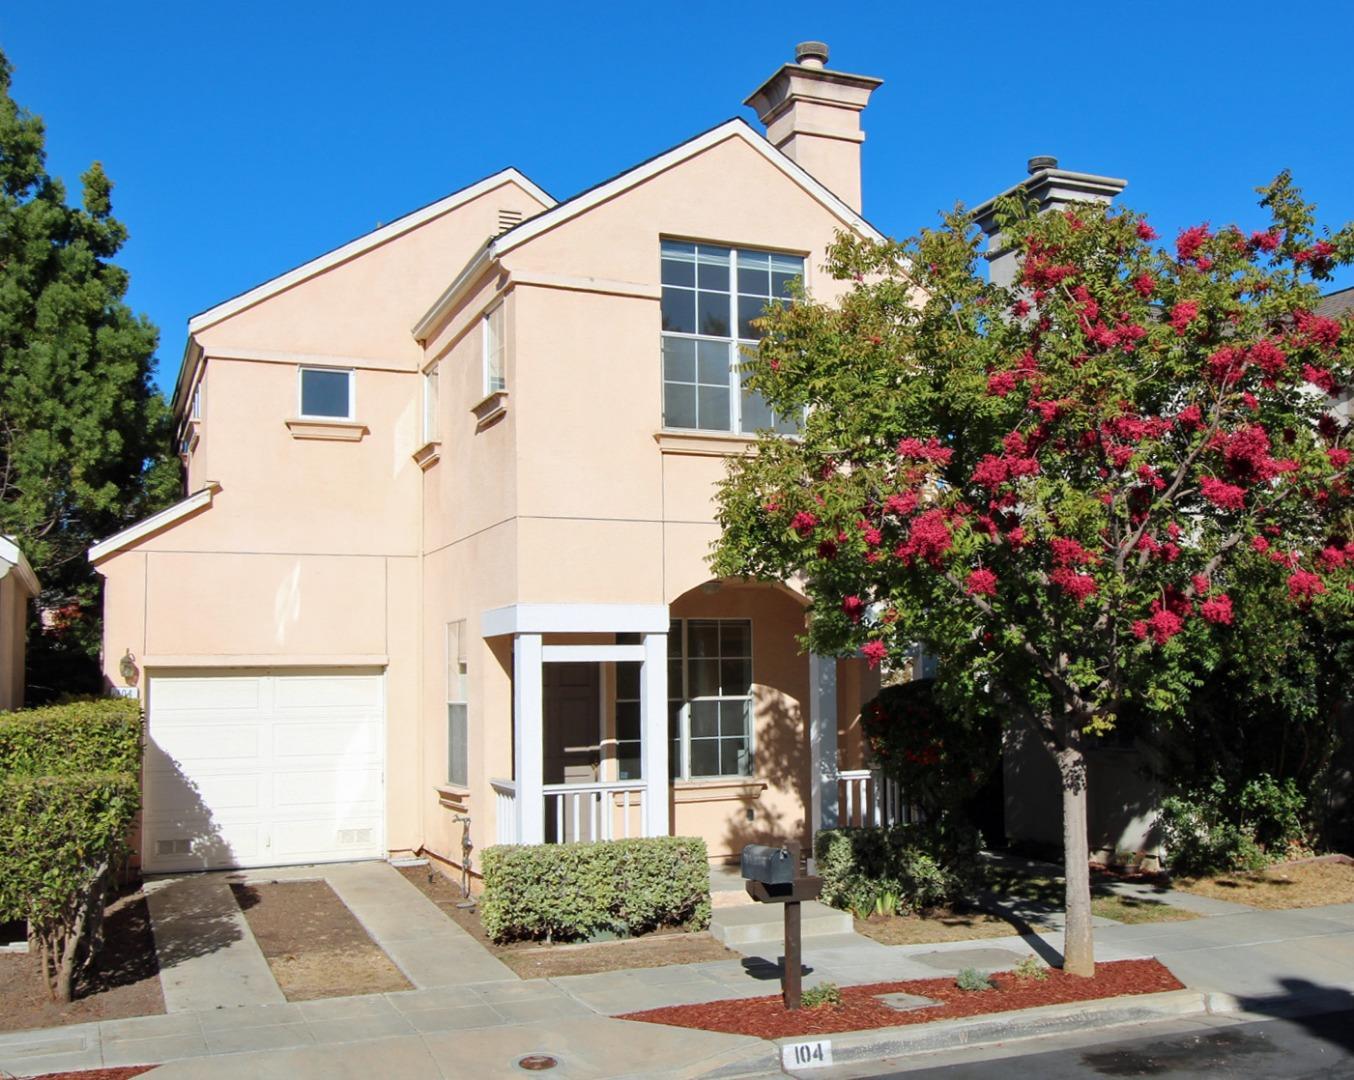 一戸建て のために 賃貸 アット 104 Whits Road 104 Whits Road Mountain View, カリフォルニア 94040 アメリカ合衆国